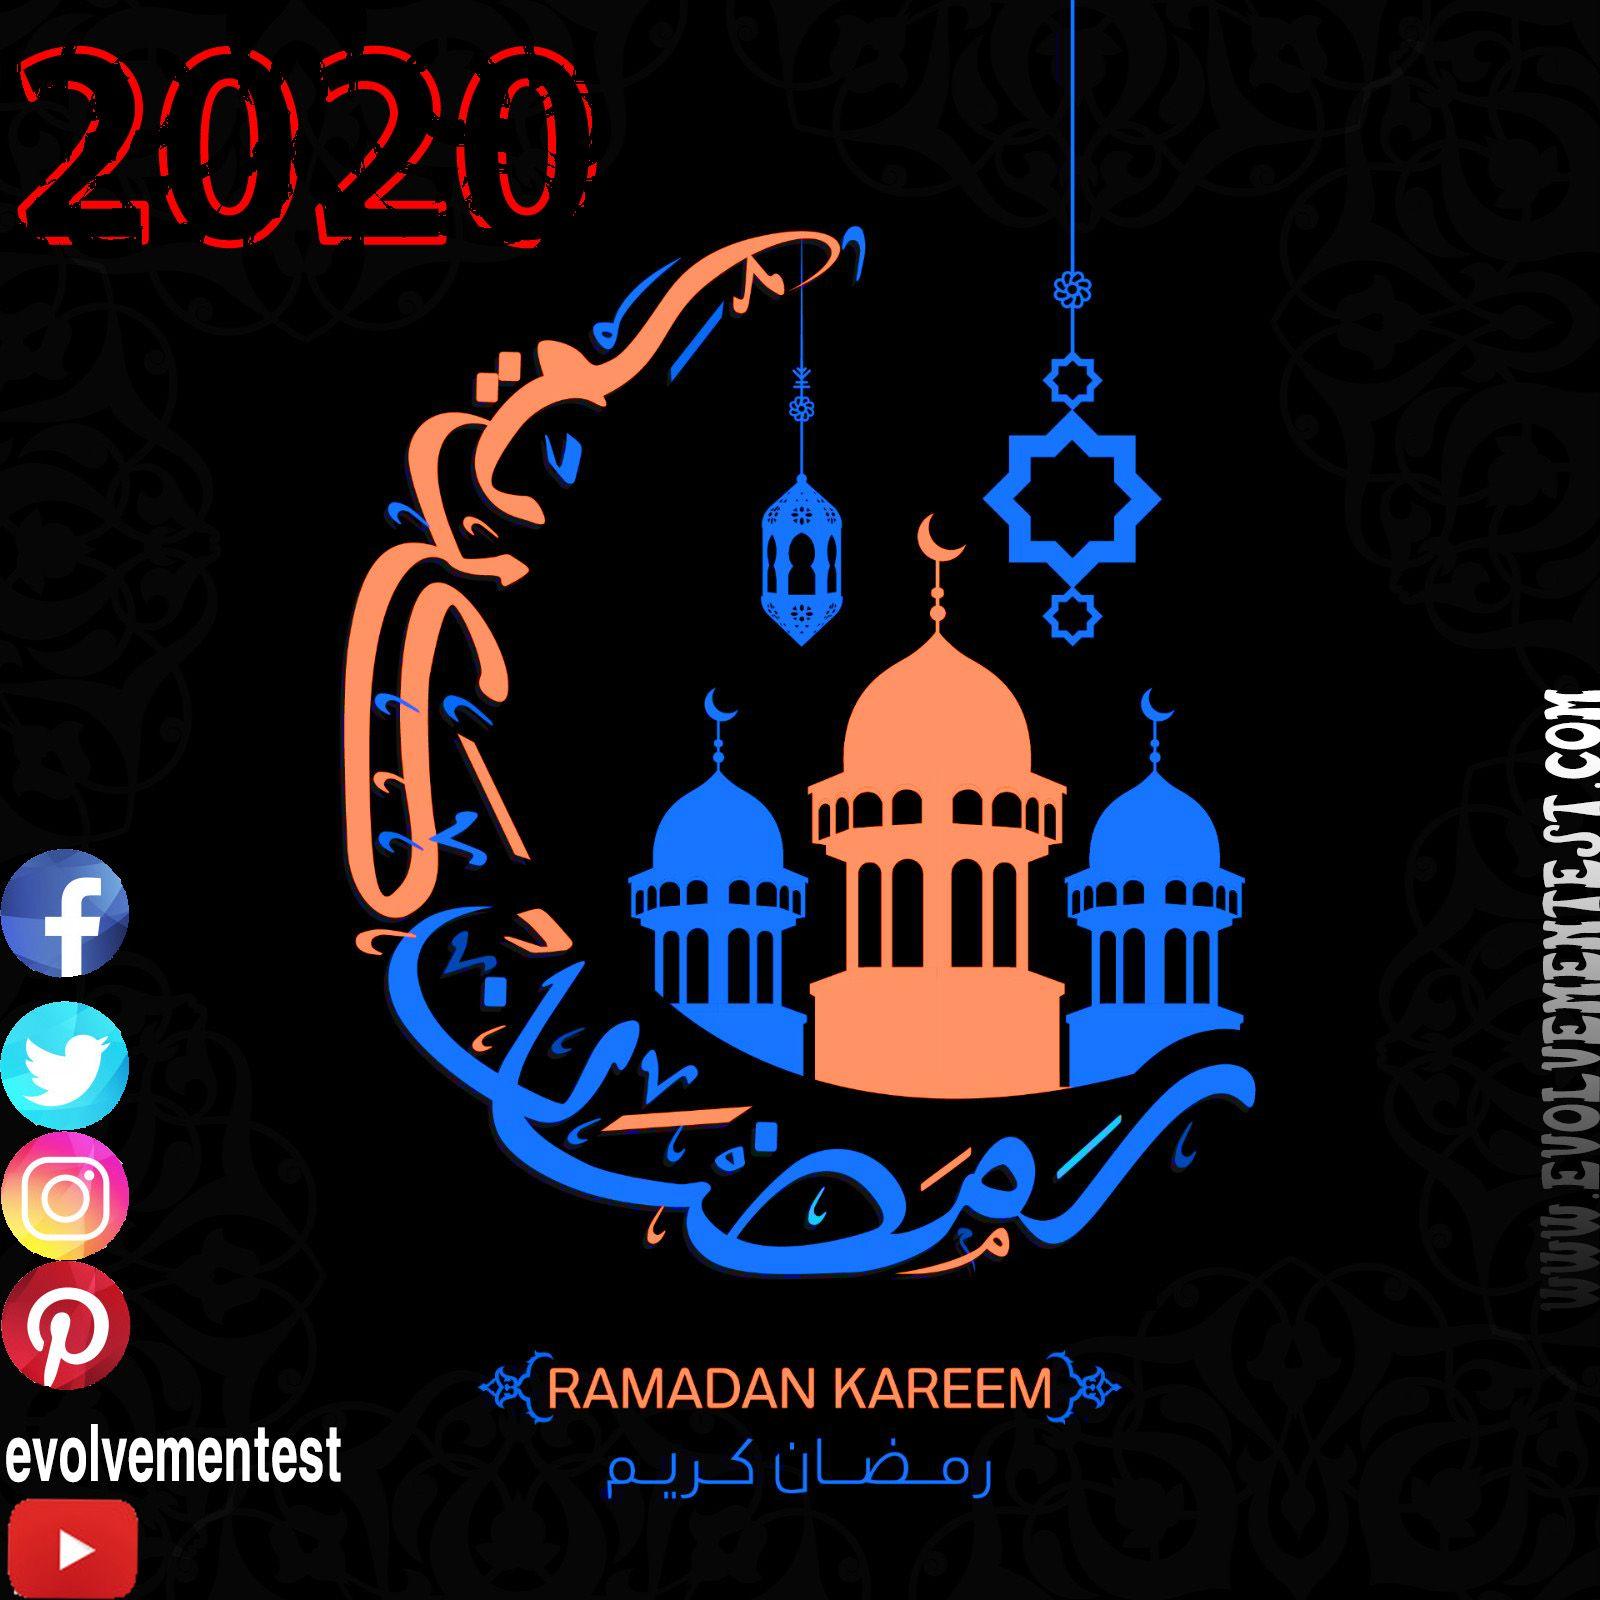 مسلسلات رمضان 2020 Ramadan Kareem Ramadan Darth